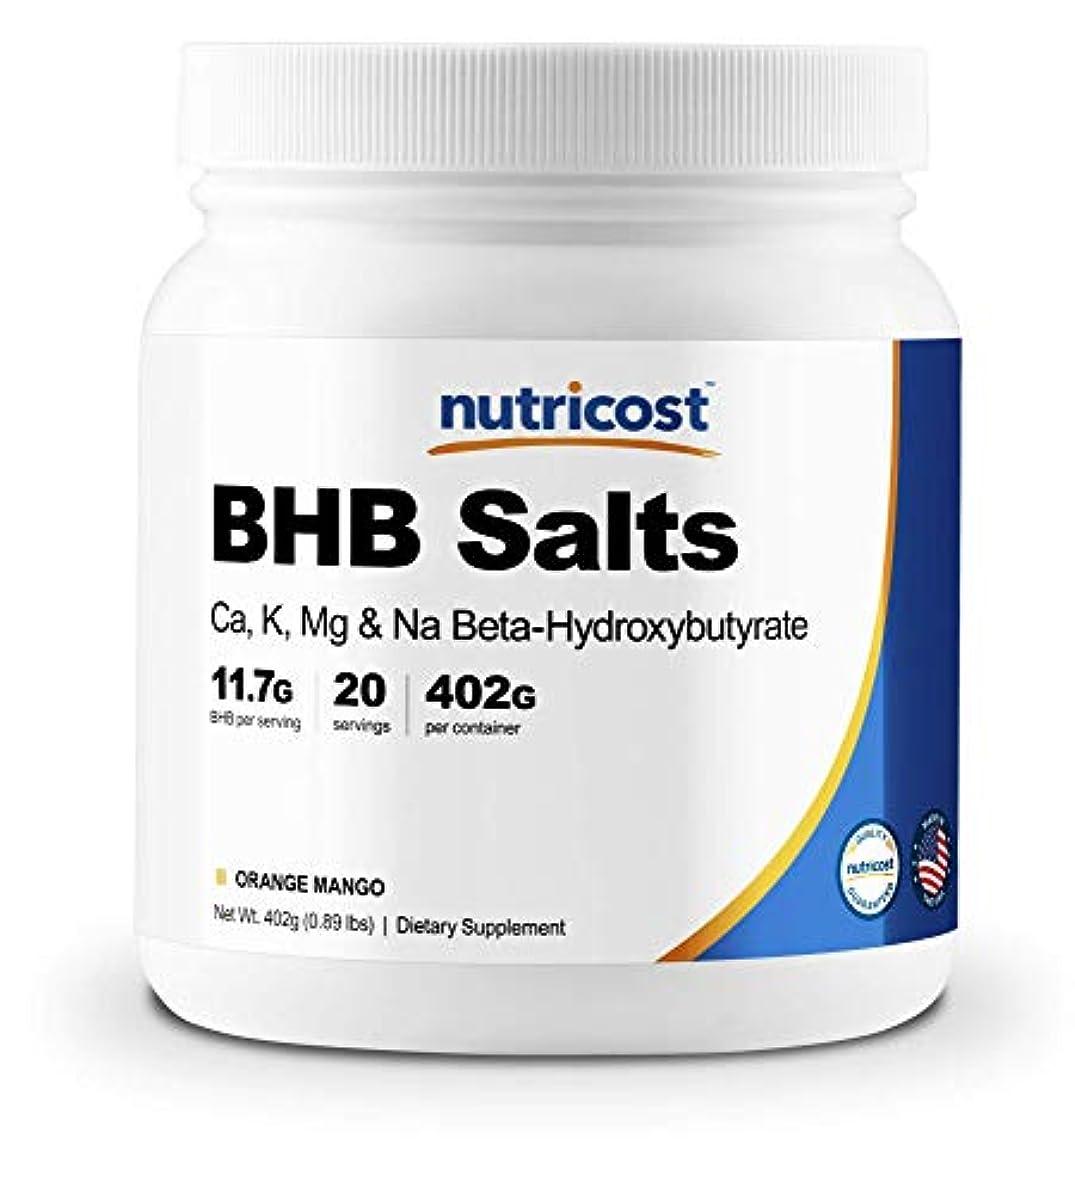 幸運なことにキリスト昆虫を見るNutricost BHB パウダー(外因性ケトン塩)、オレンジマンゴー味、非GMO、グルテンフリー